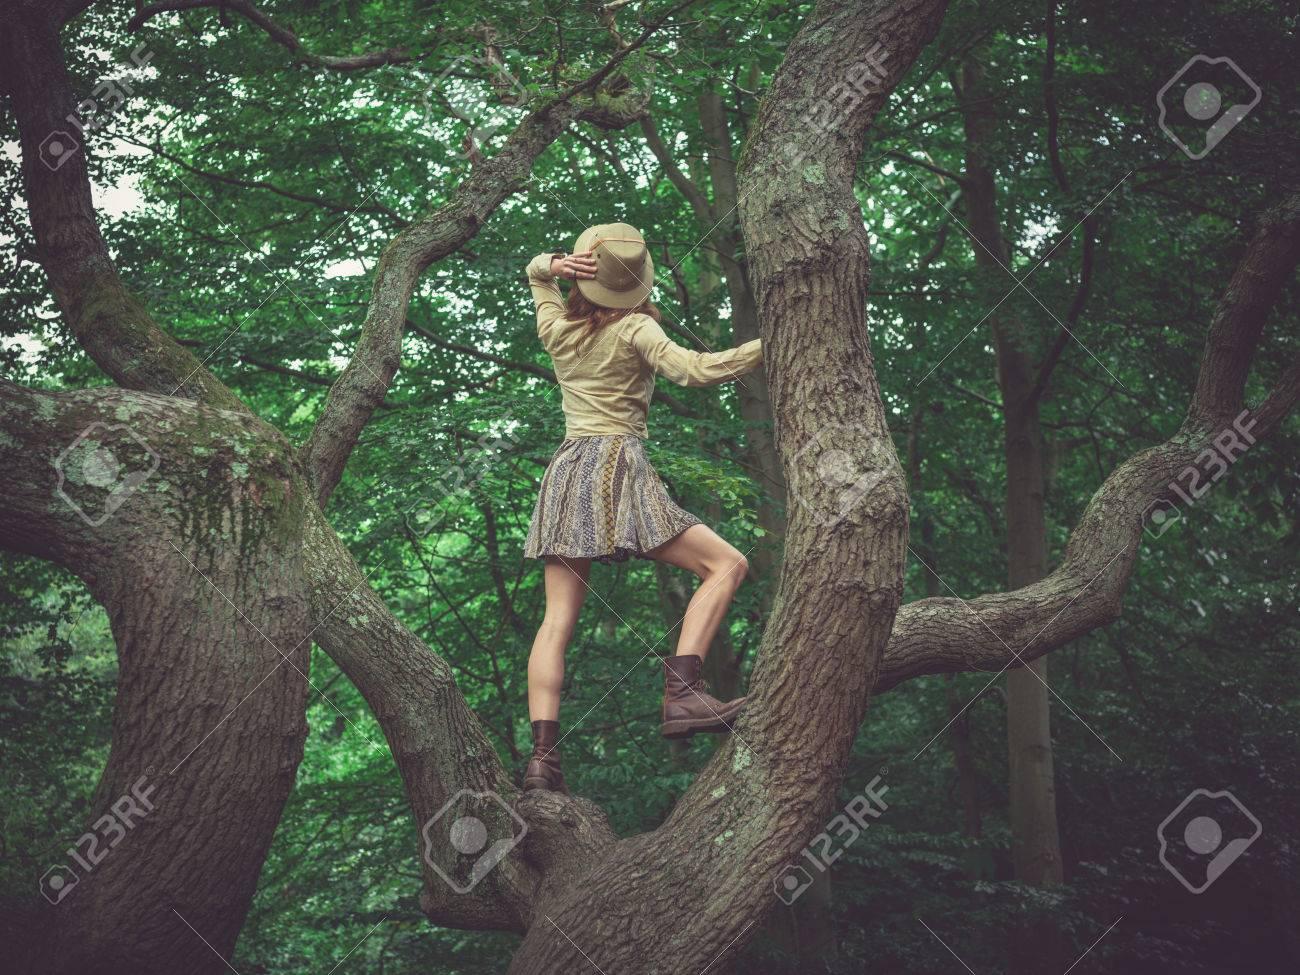 2b2f7f19f Una mujer joven está subiendo un árbol en el bosque